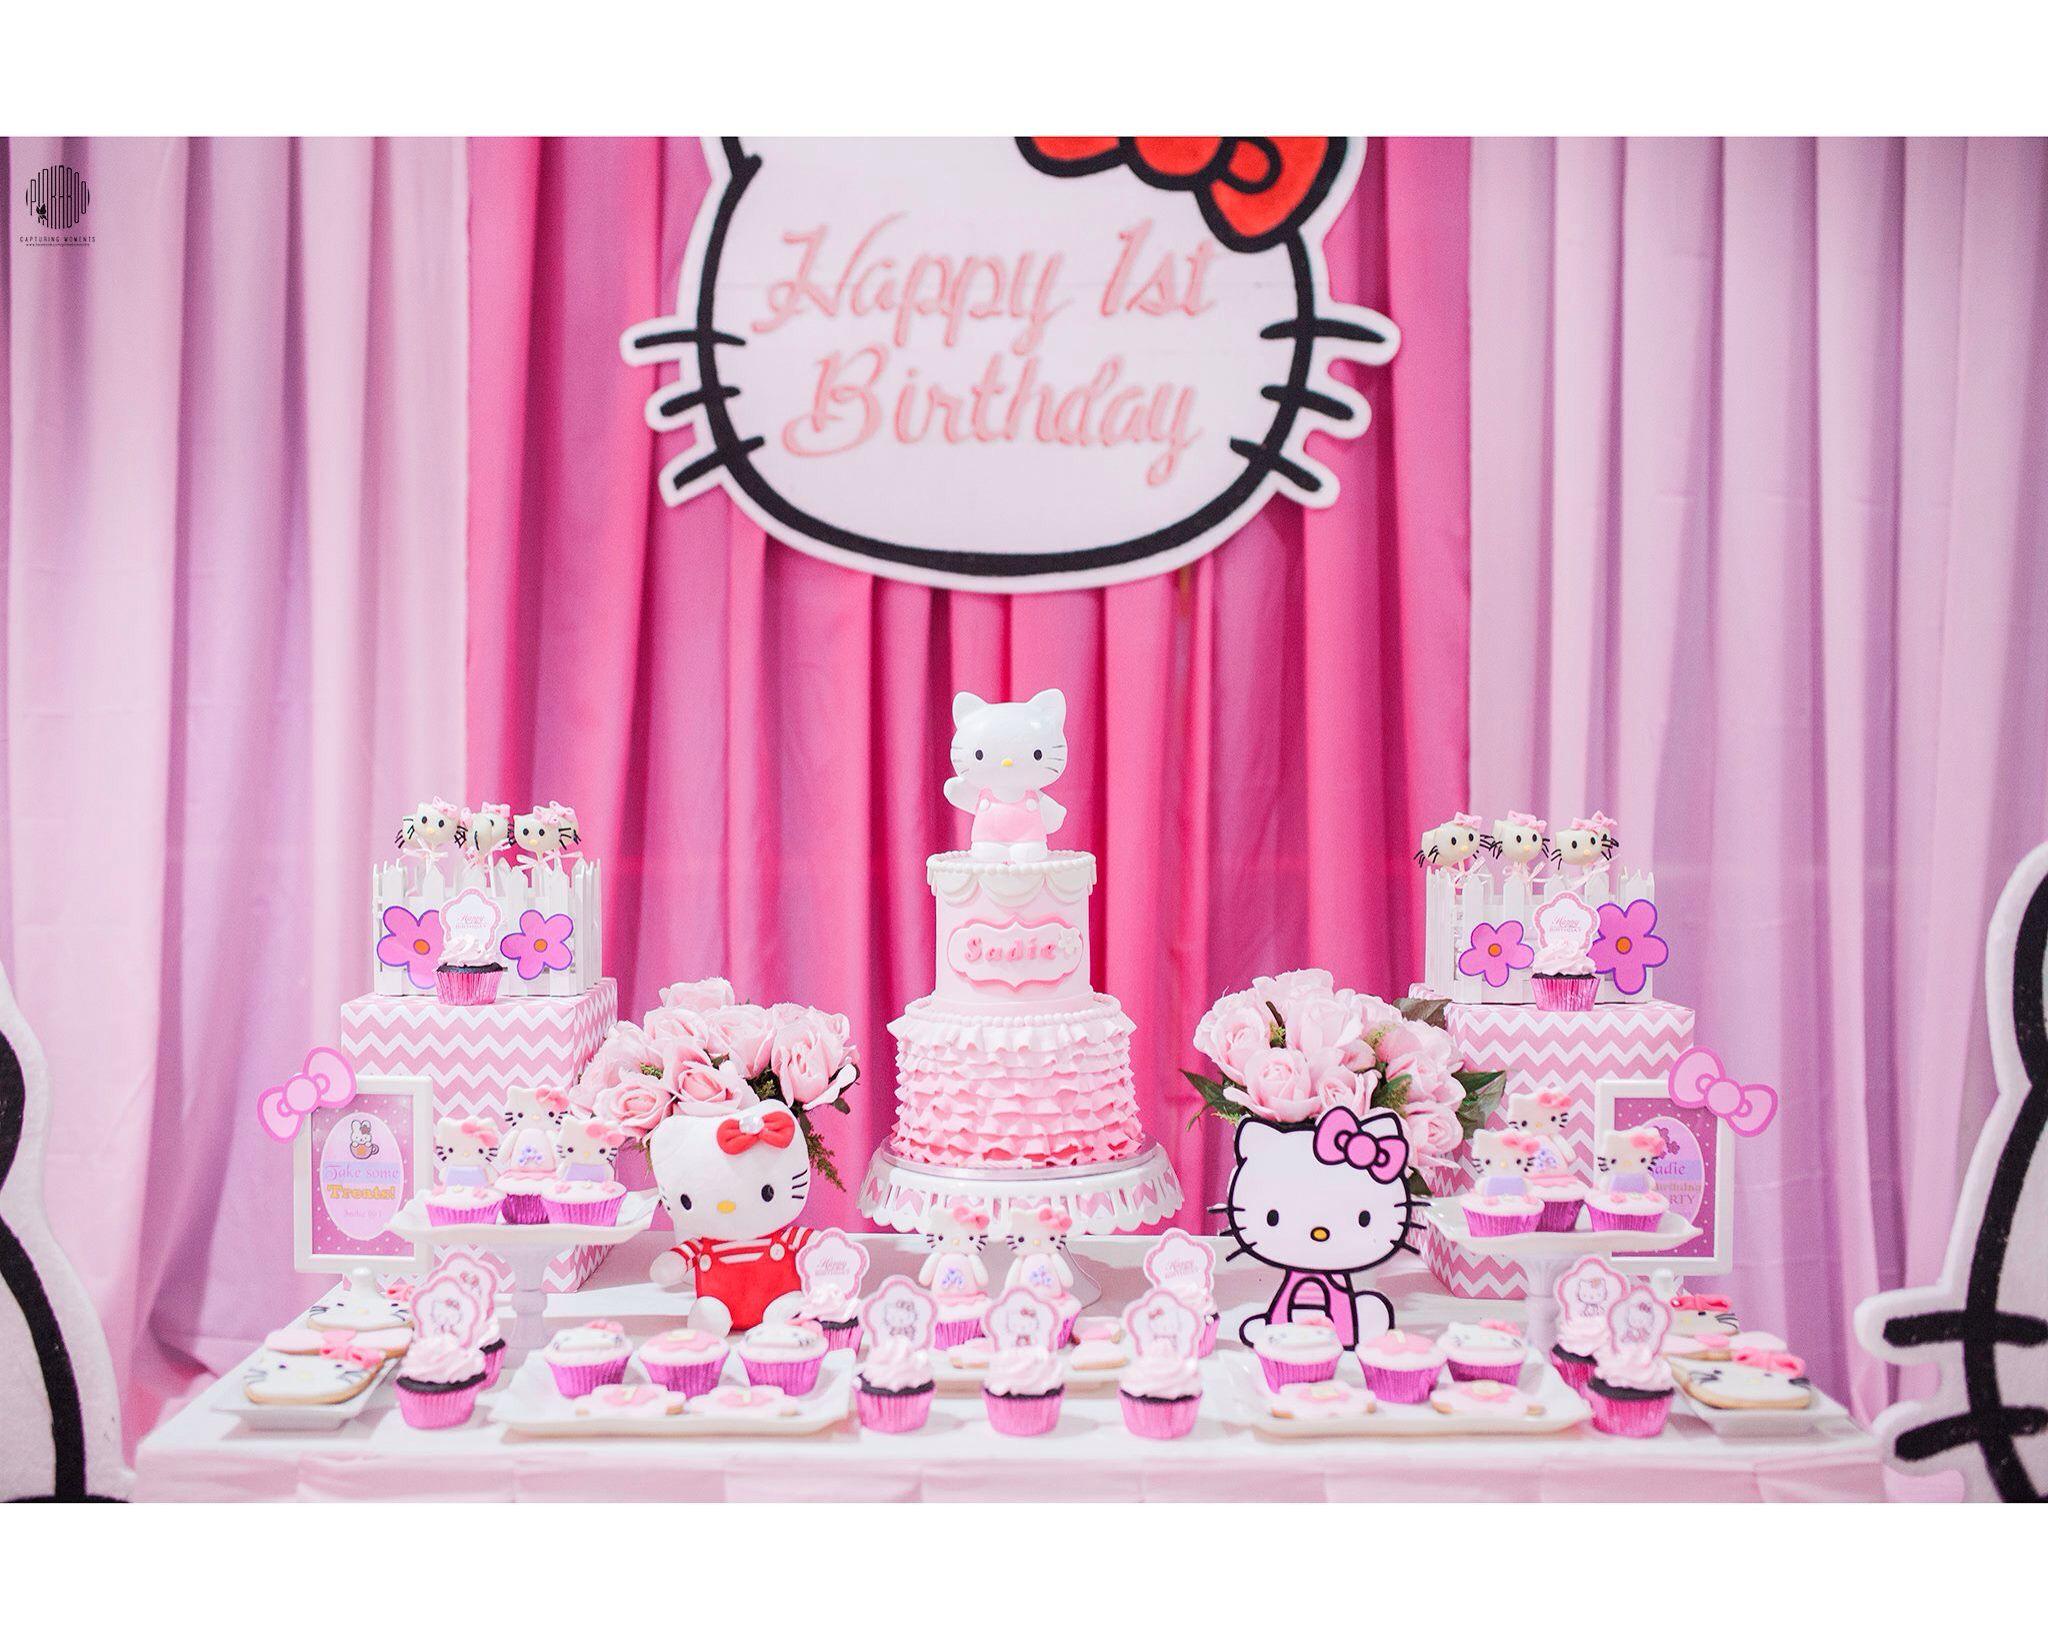 Scrapbook ideas hello kitty - Hello Kitty Dessert Table Set Up Cake Cupcakes Cookies Sweet Pea